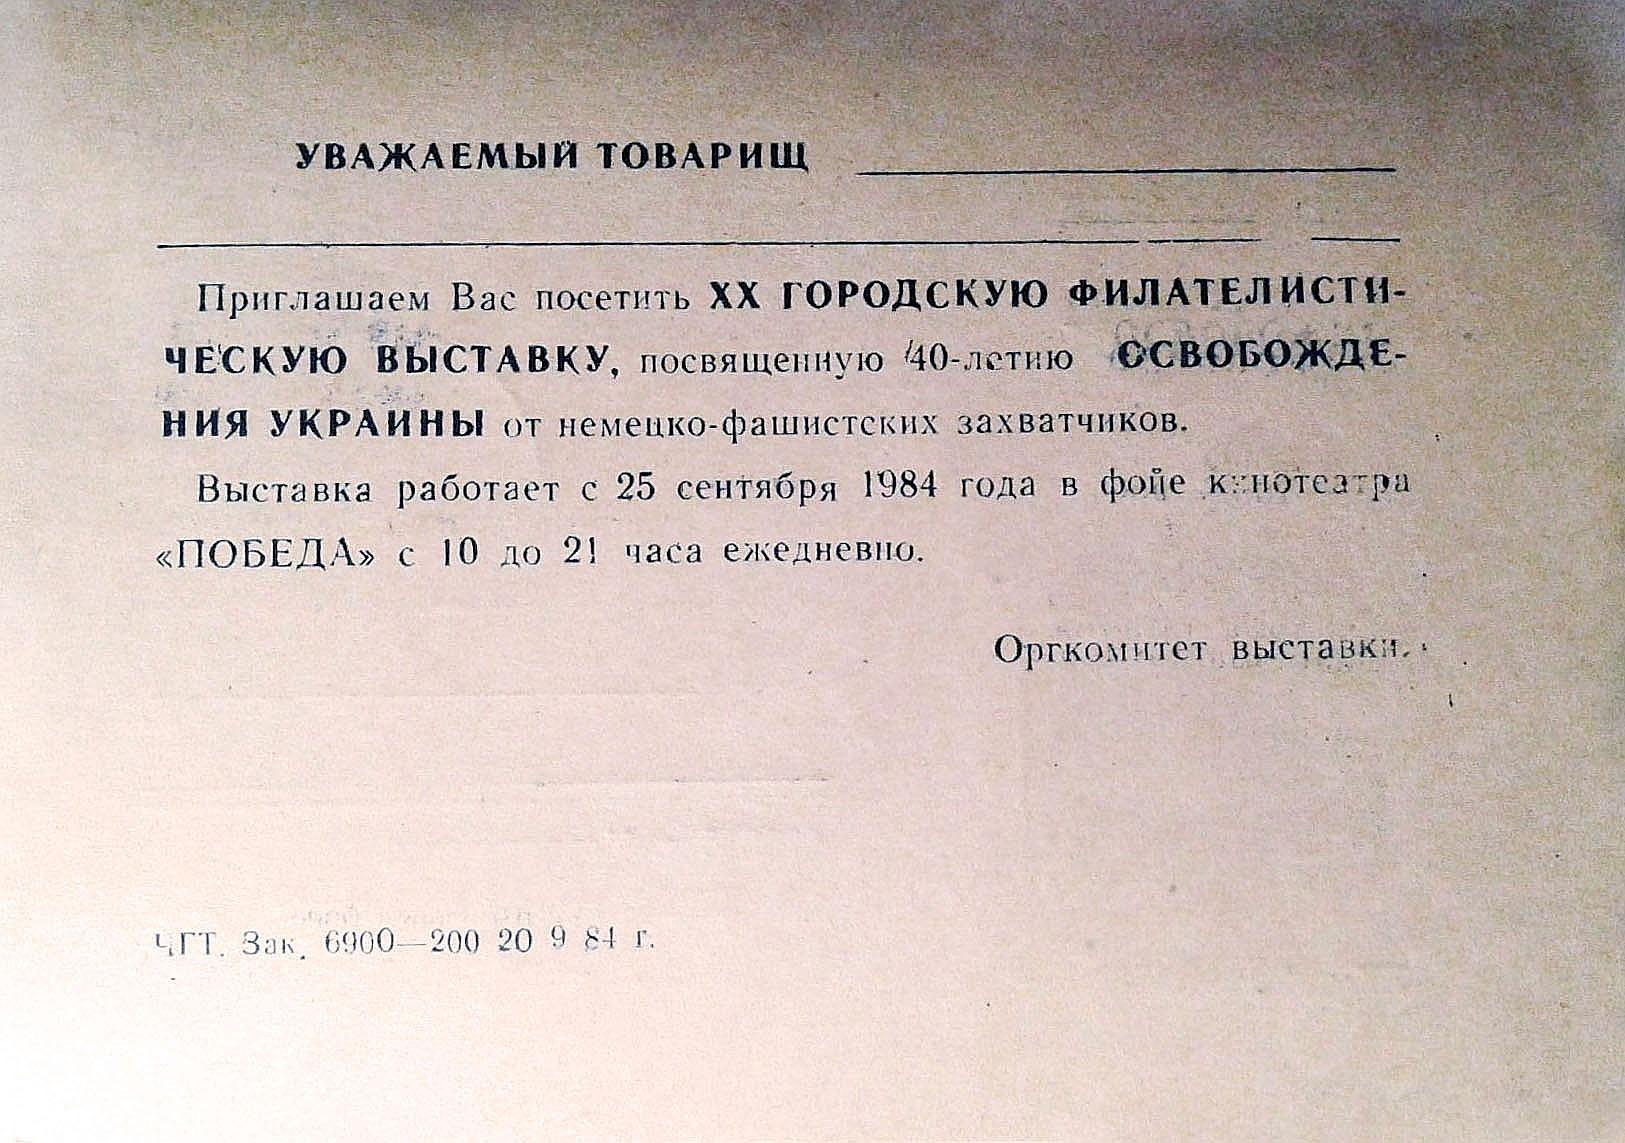 Запрошення на філатилістичну виставку у м. Червоноград. 1984